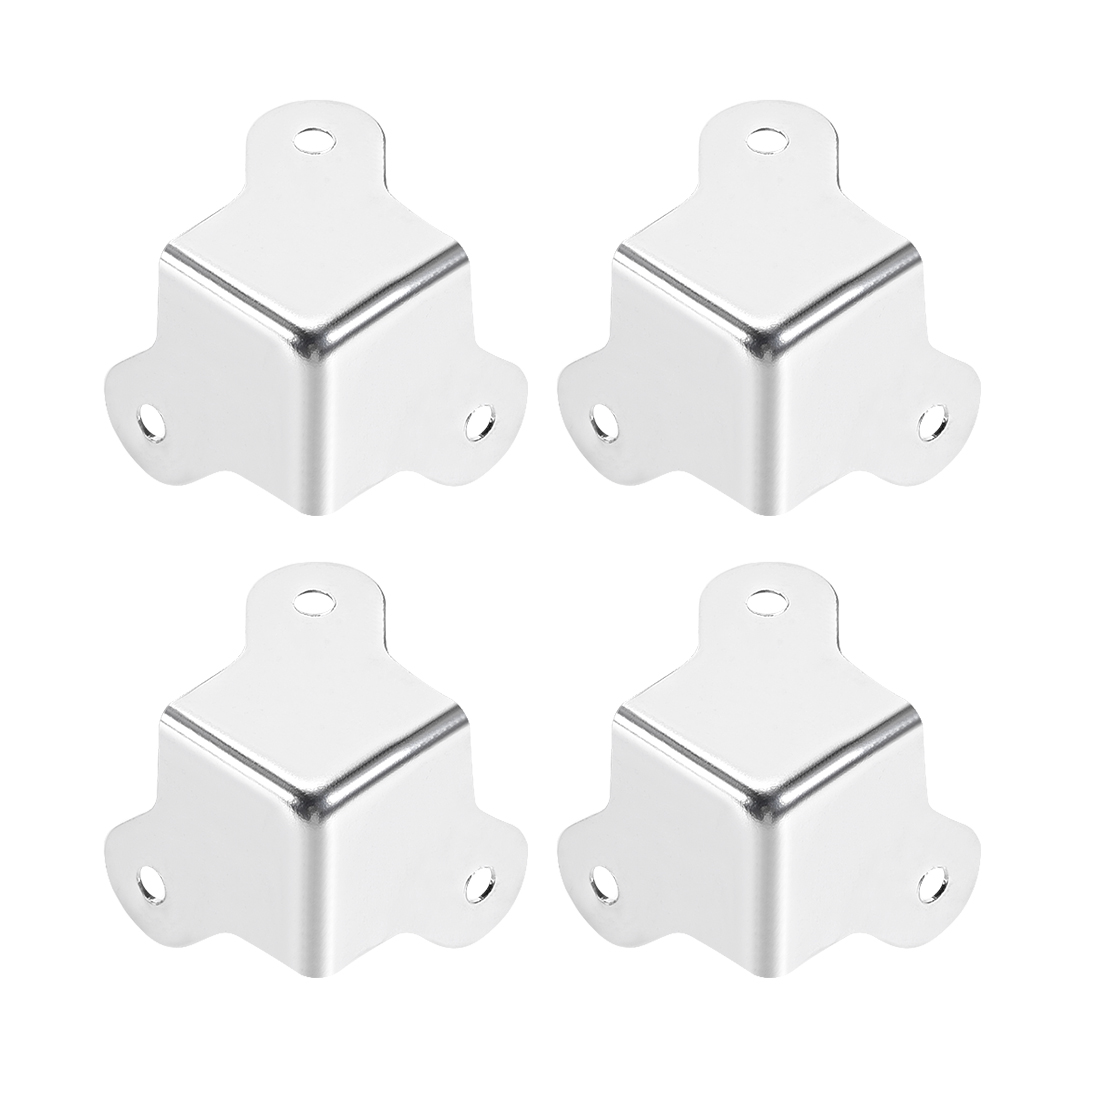 Metal Box Corner Protectors Edge Guard Protector 22.5mm x 22.5mm x 22.5mm 4pcs